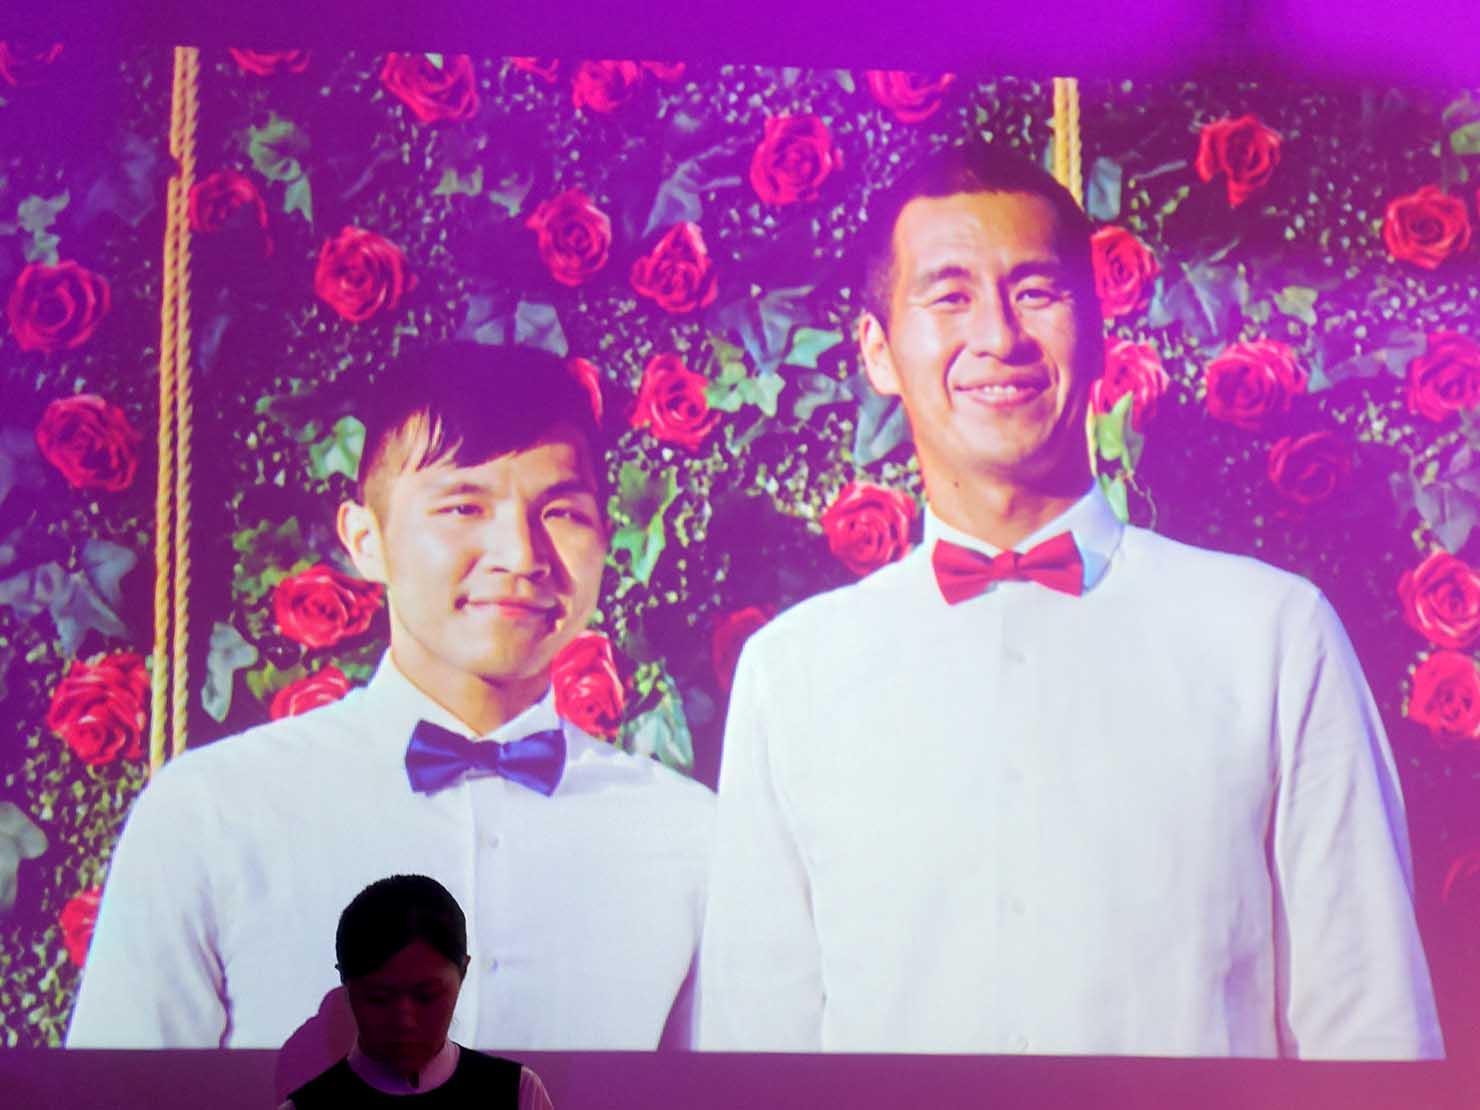 台日同性カップルの友人の結婚式会場で披露される婚紗(タキシード)